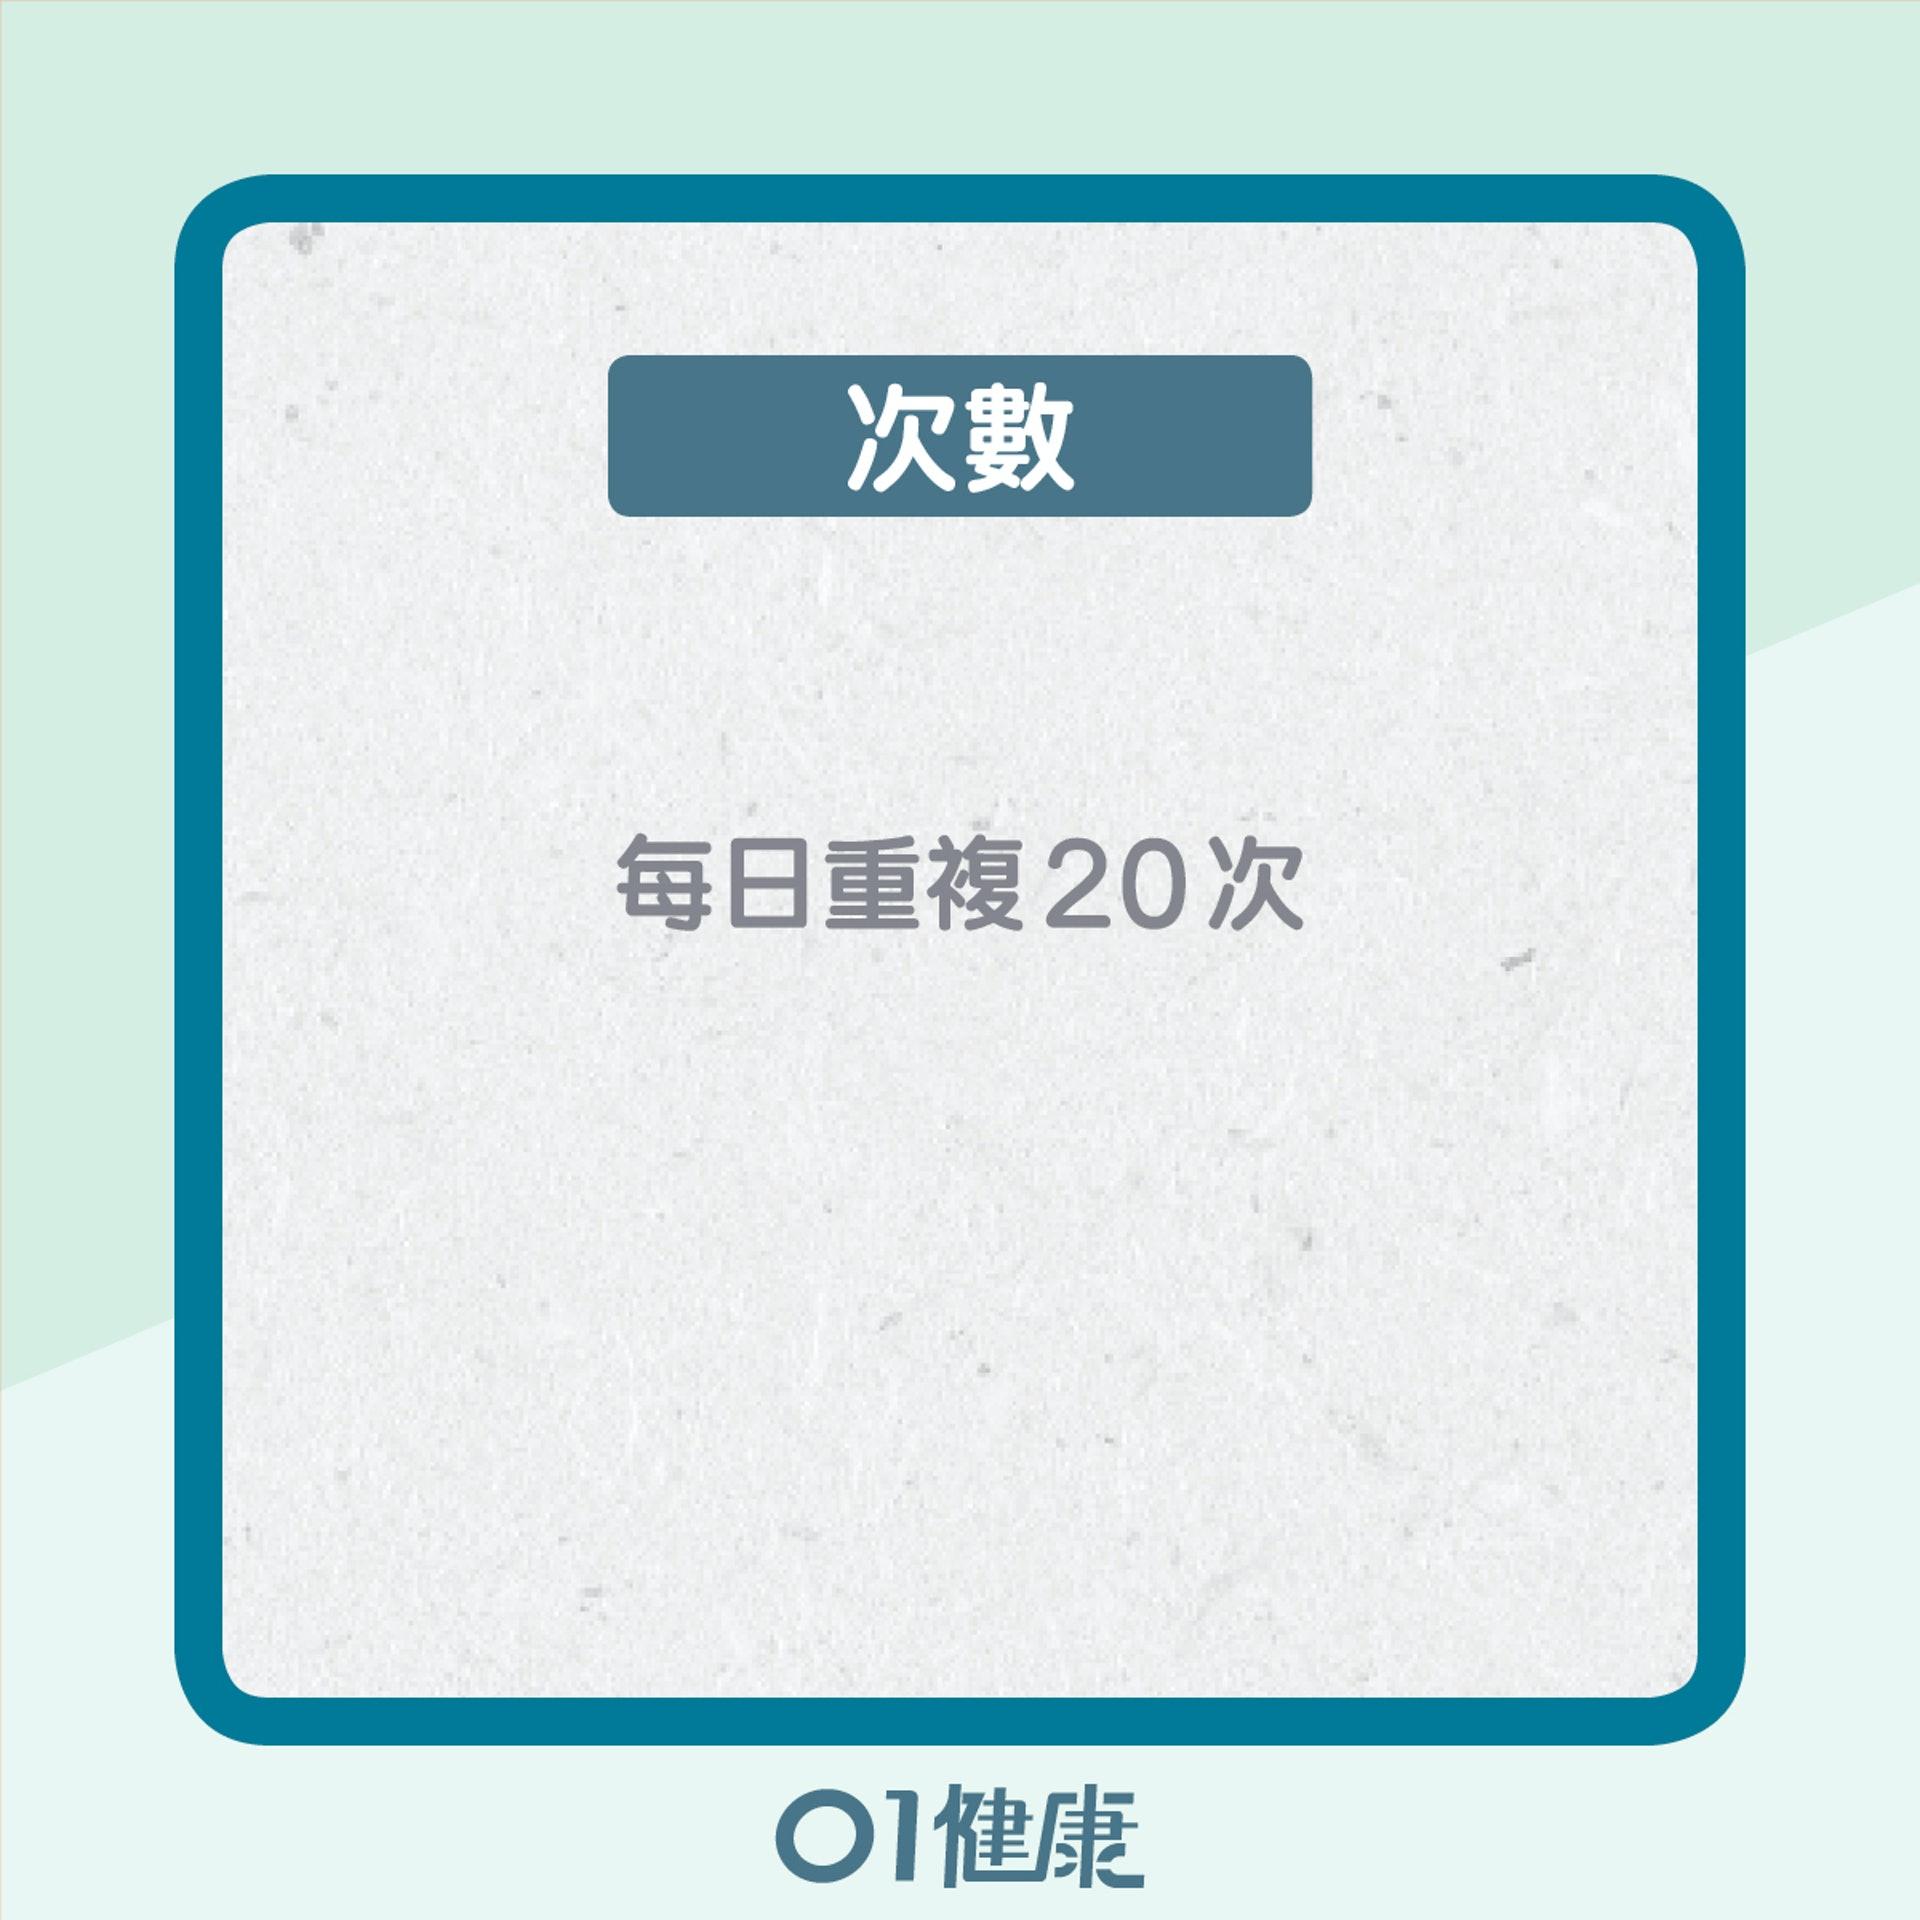 動作1(01製圖)